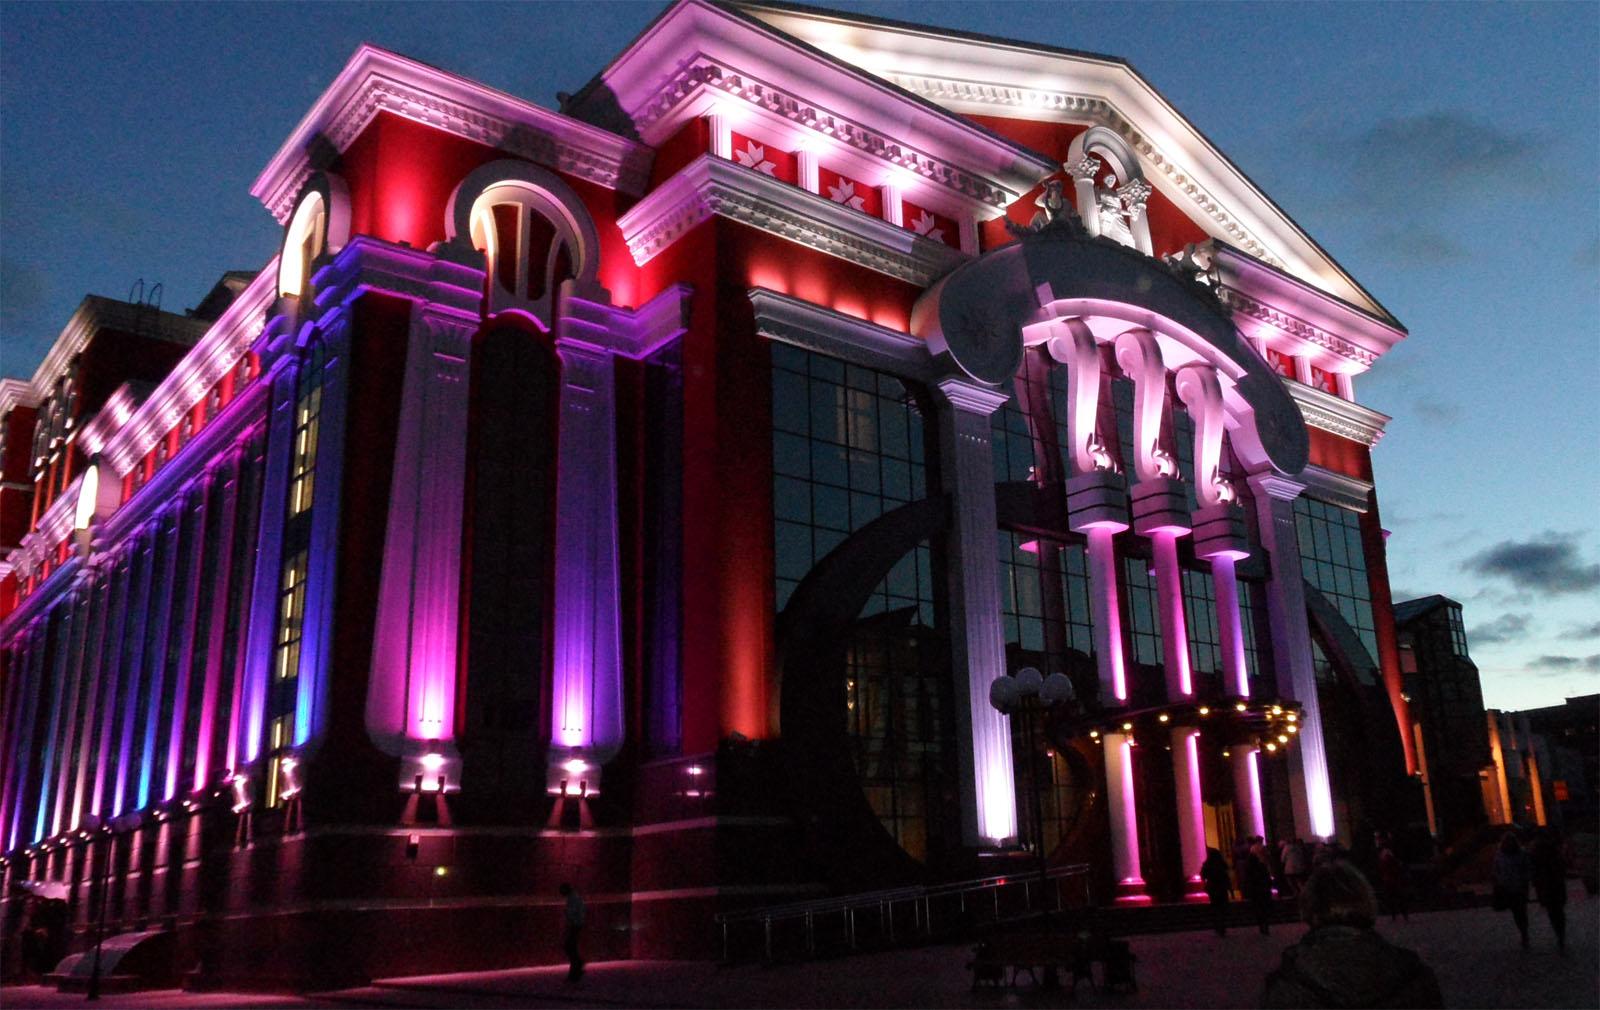 Афиша оперы и балета театра яушева цены на билеты на концерт в роза хутор